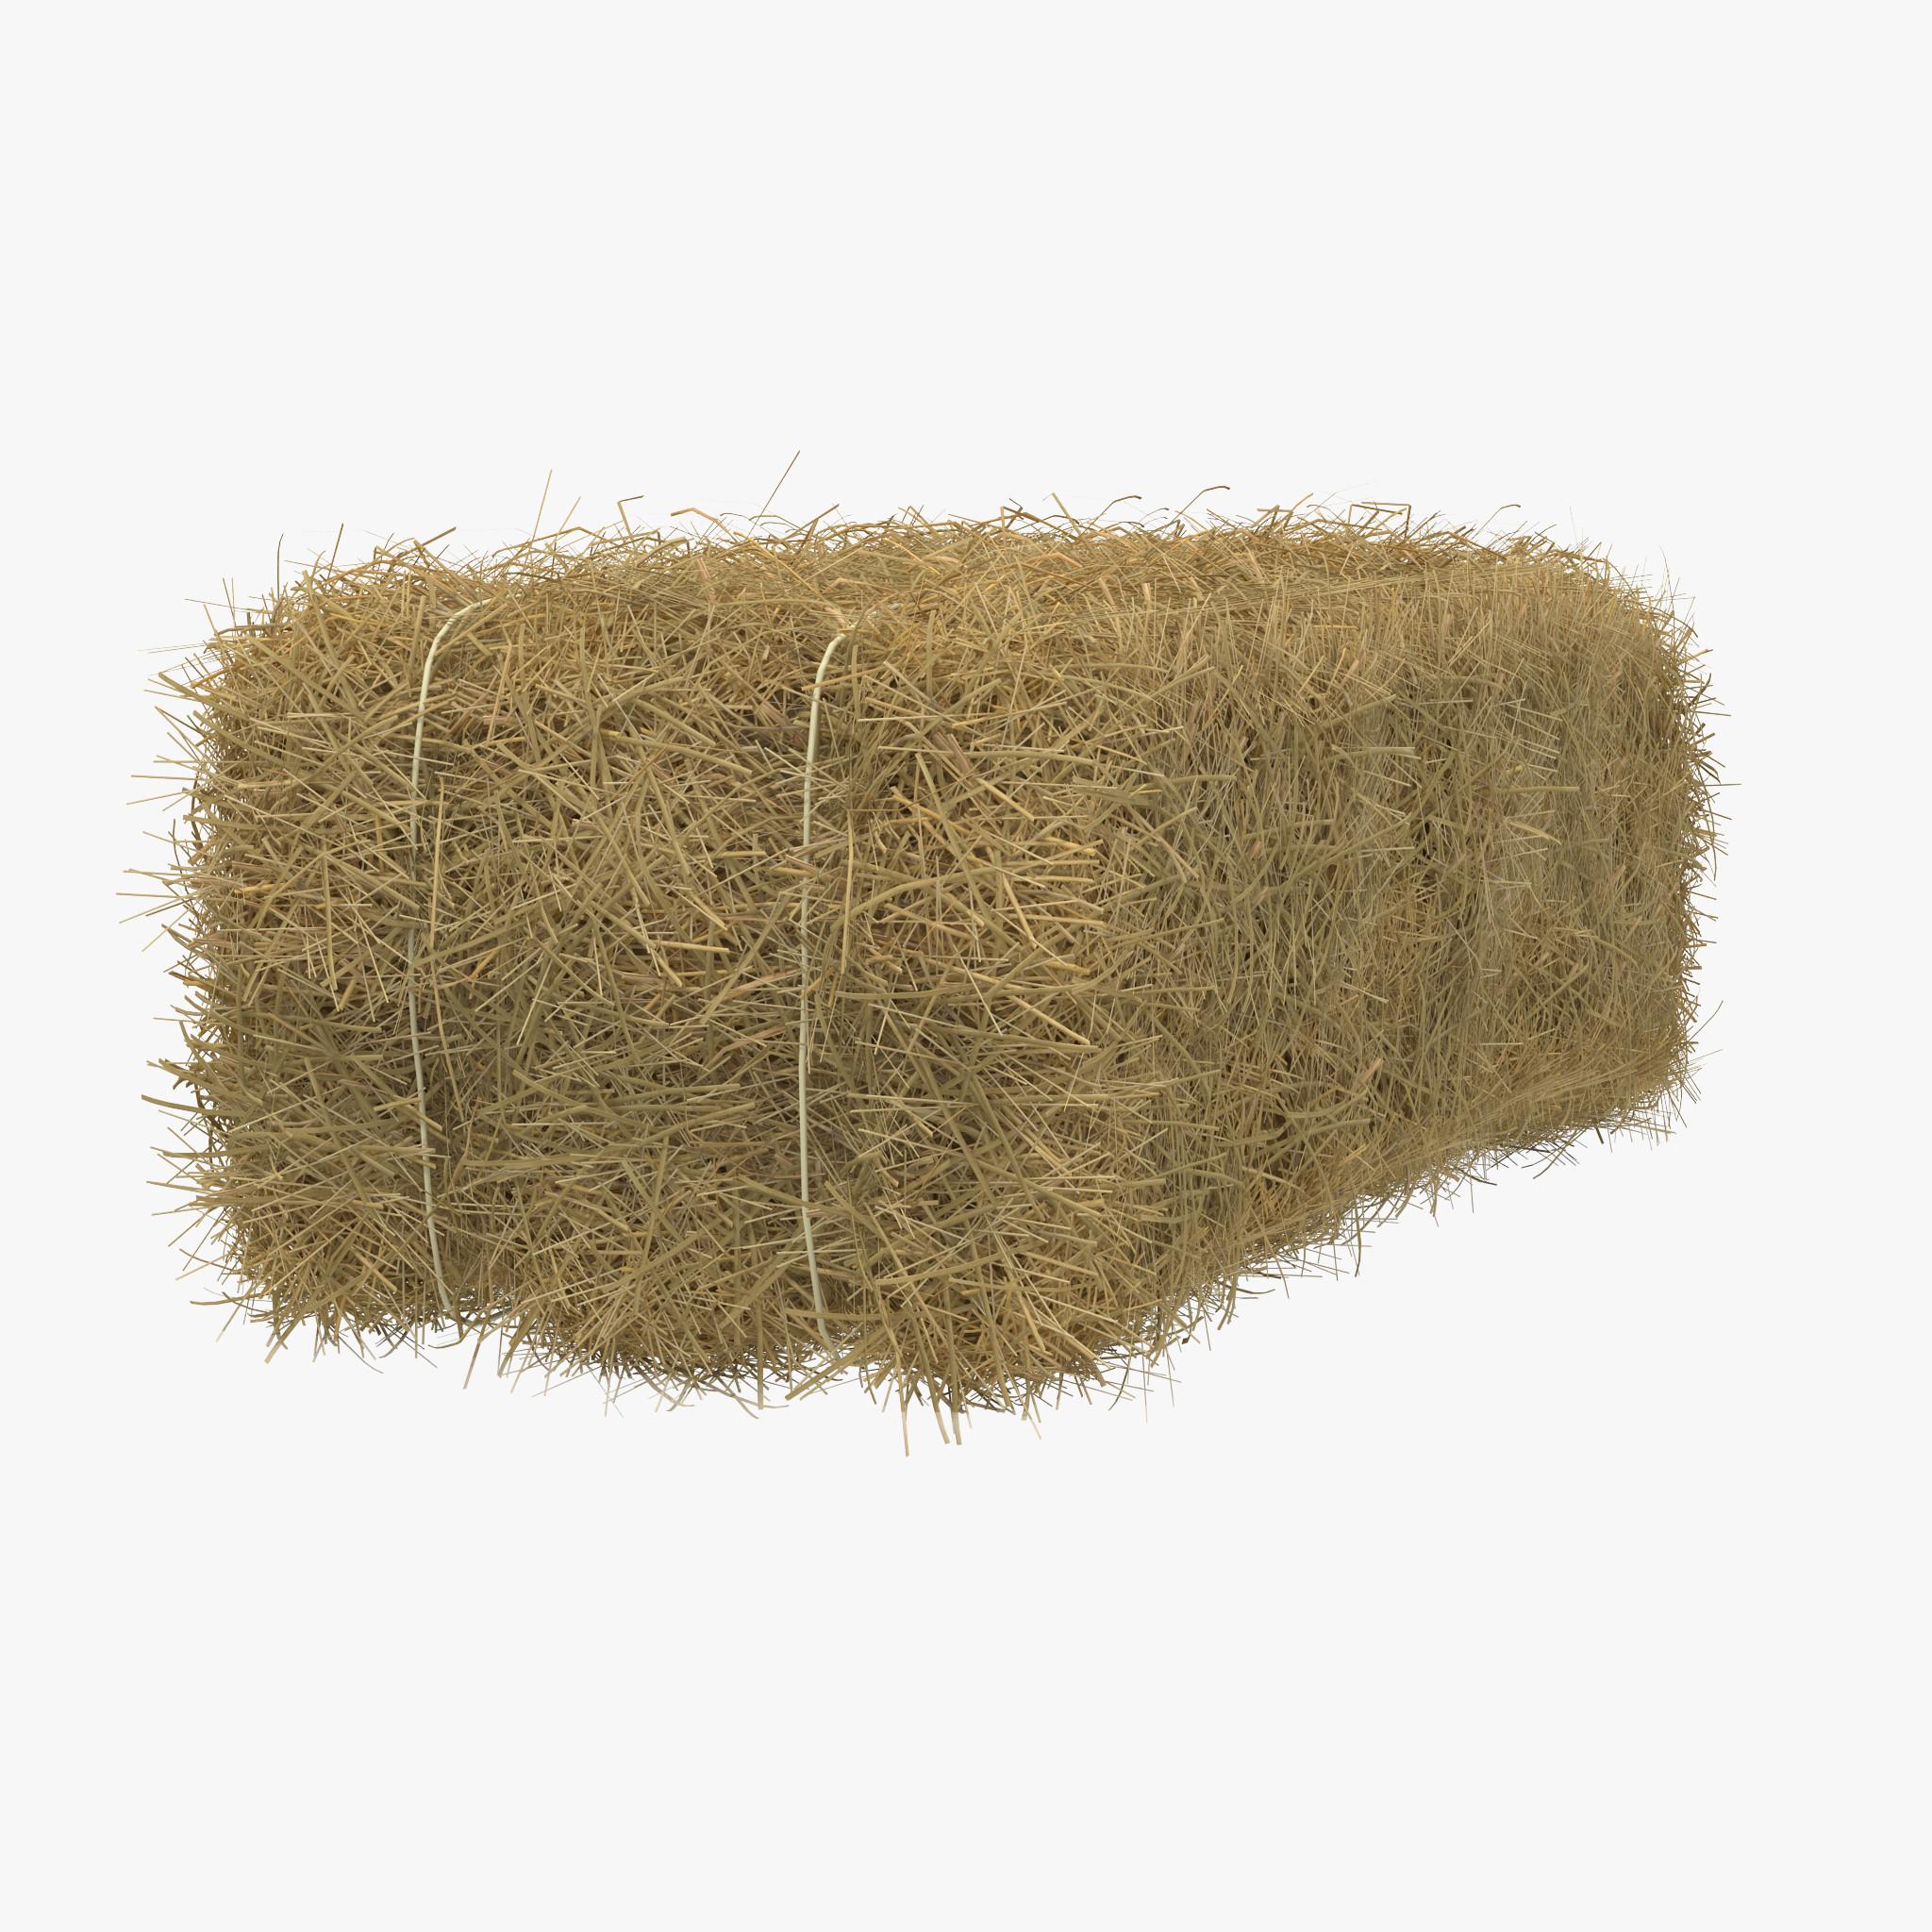 Hay Medium Bag - Bale Of Hay PNG